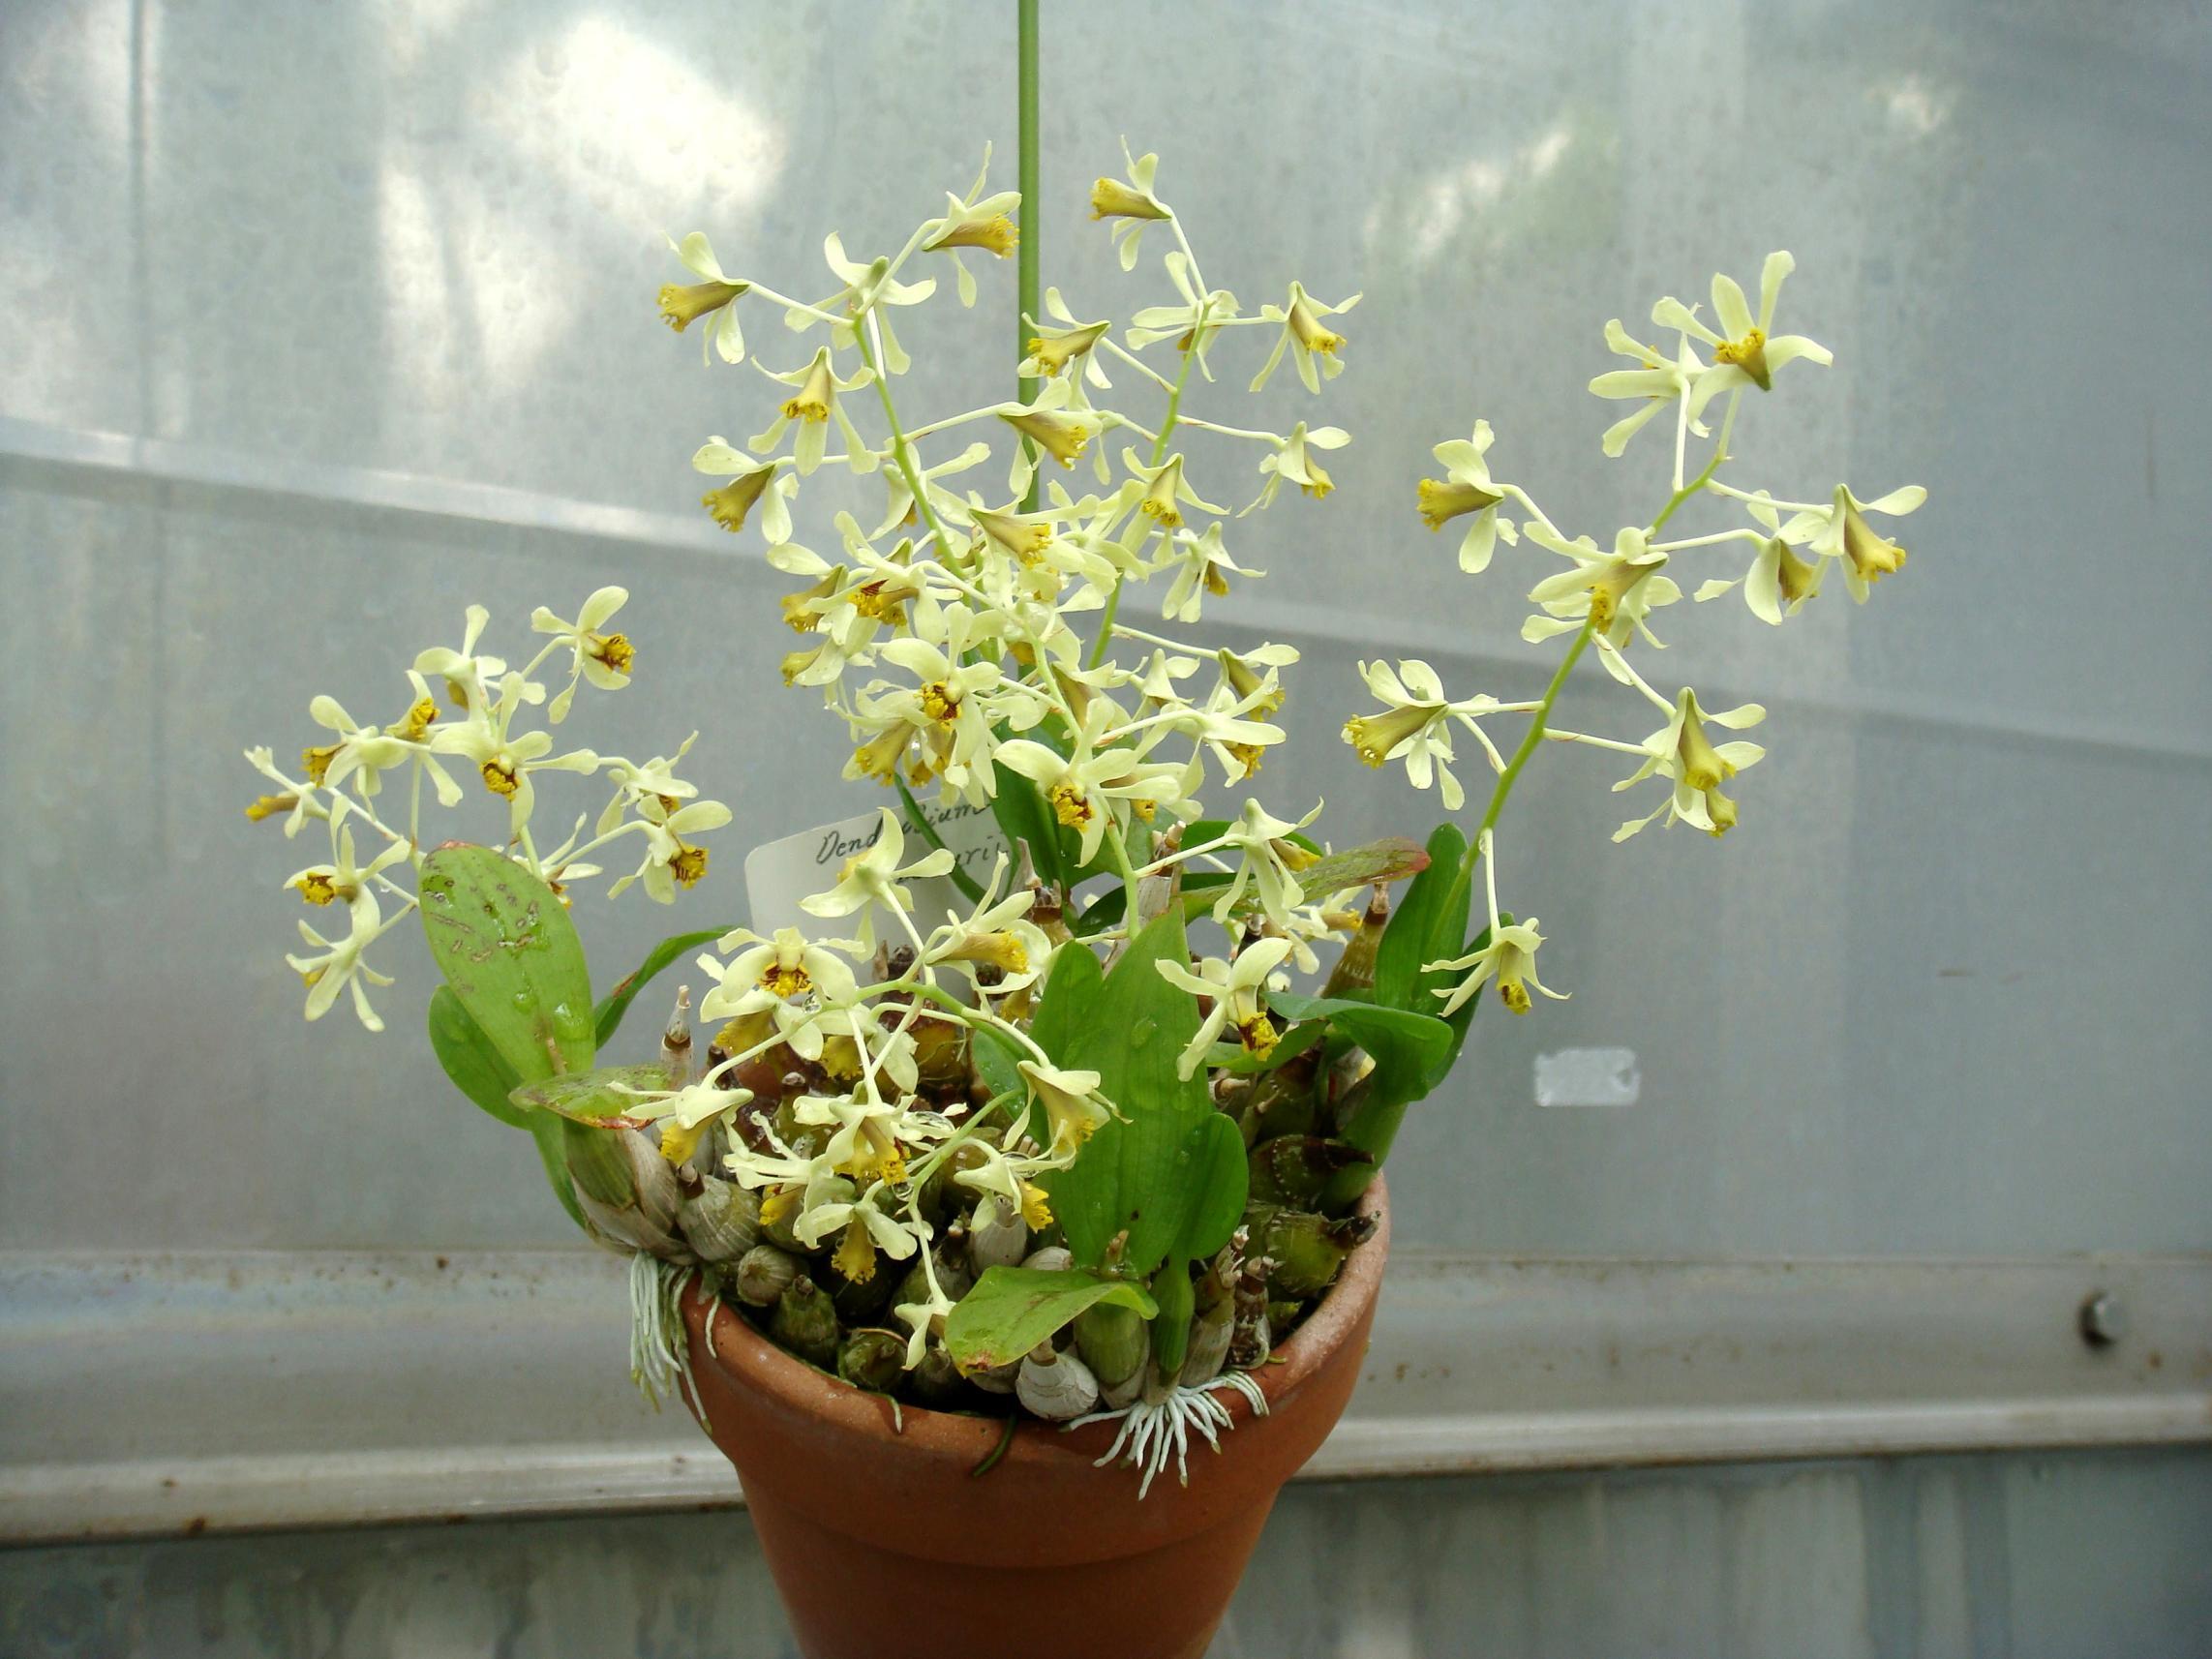 http://orchids.la.coocan.jp/Dendrobium/Dendrobium%20delacourii/DSC04973.JPG